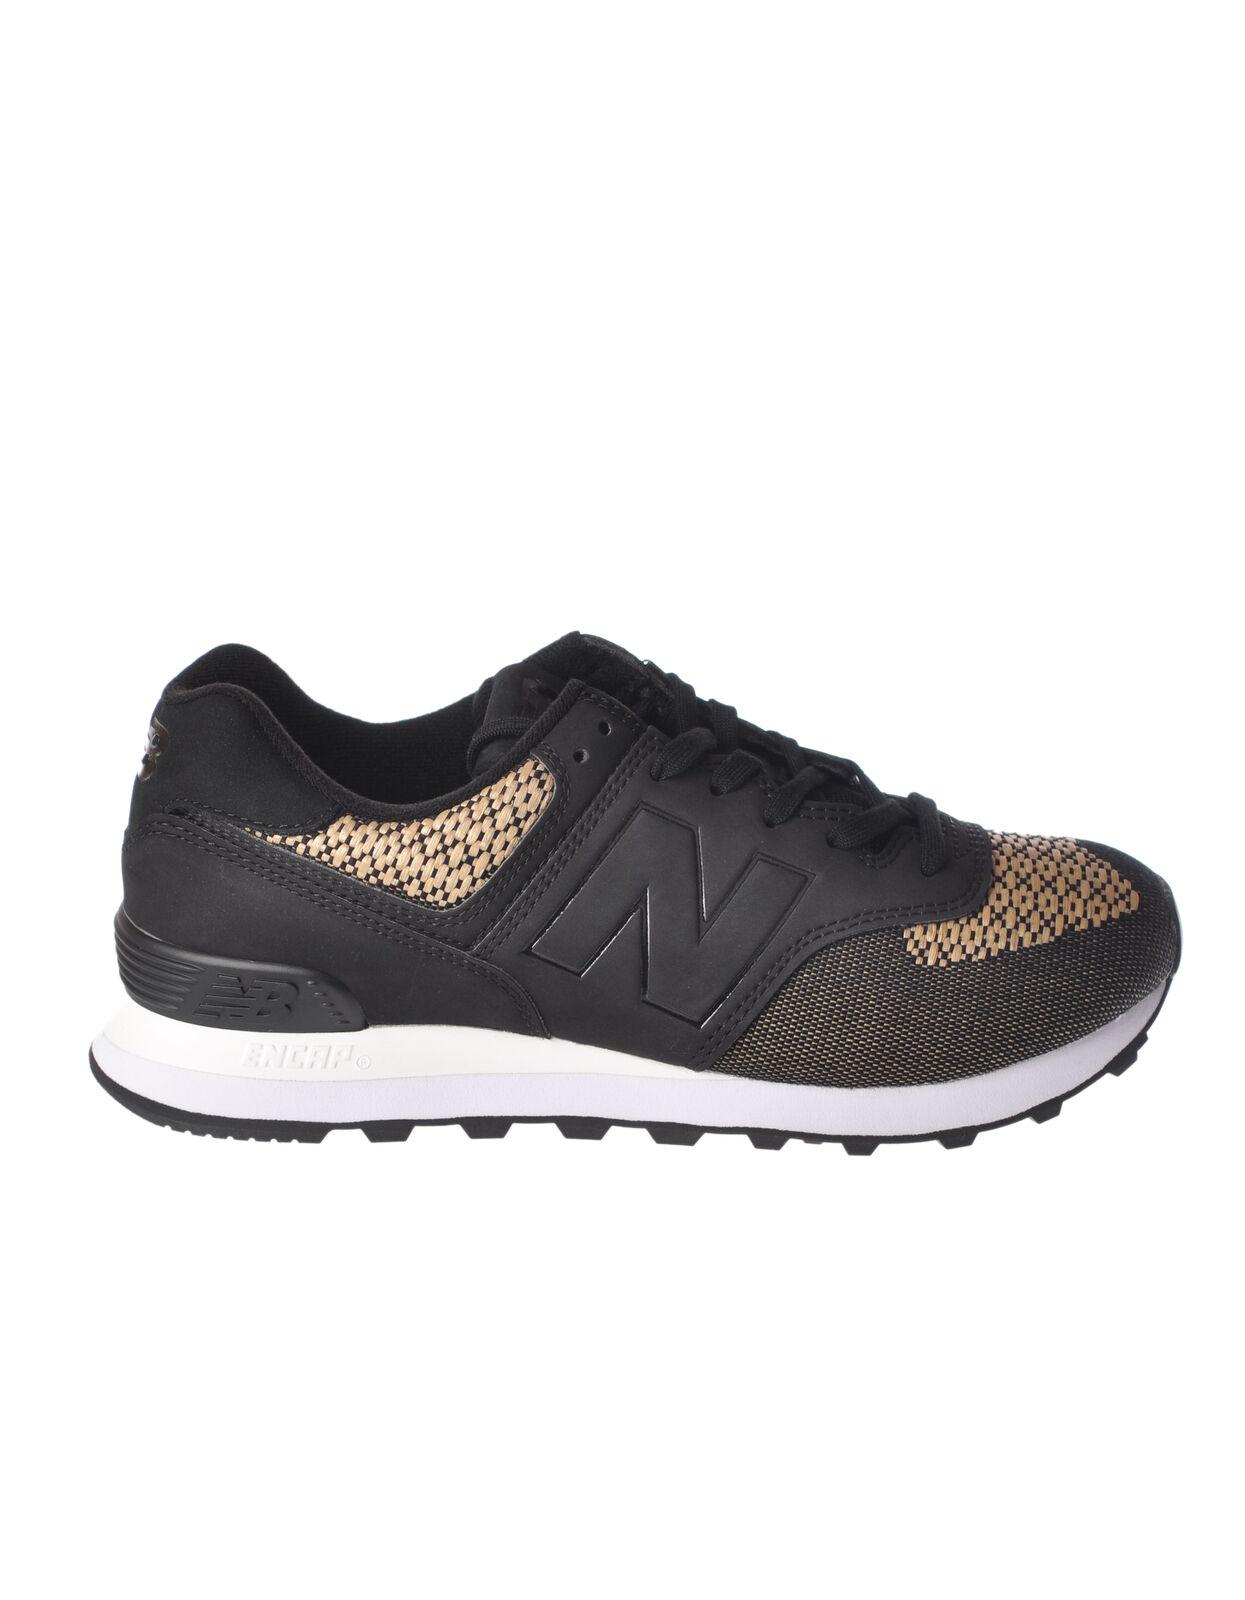 New Balance - shoes-shoes - Woman - Black - 4752310C192101